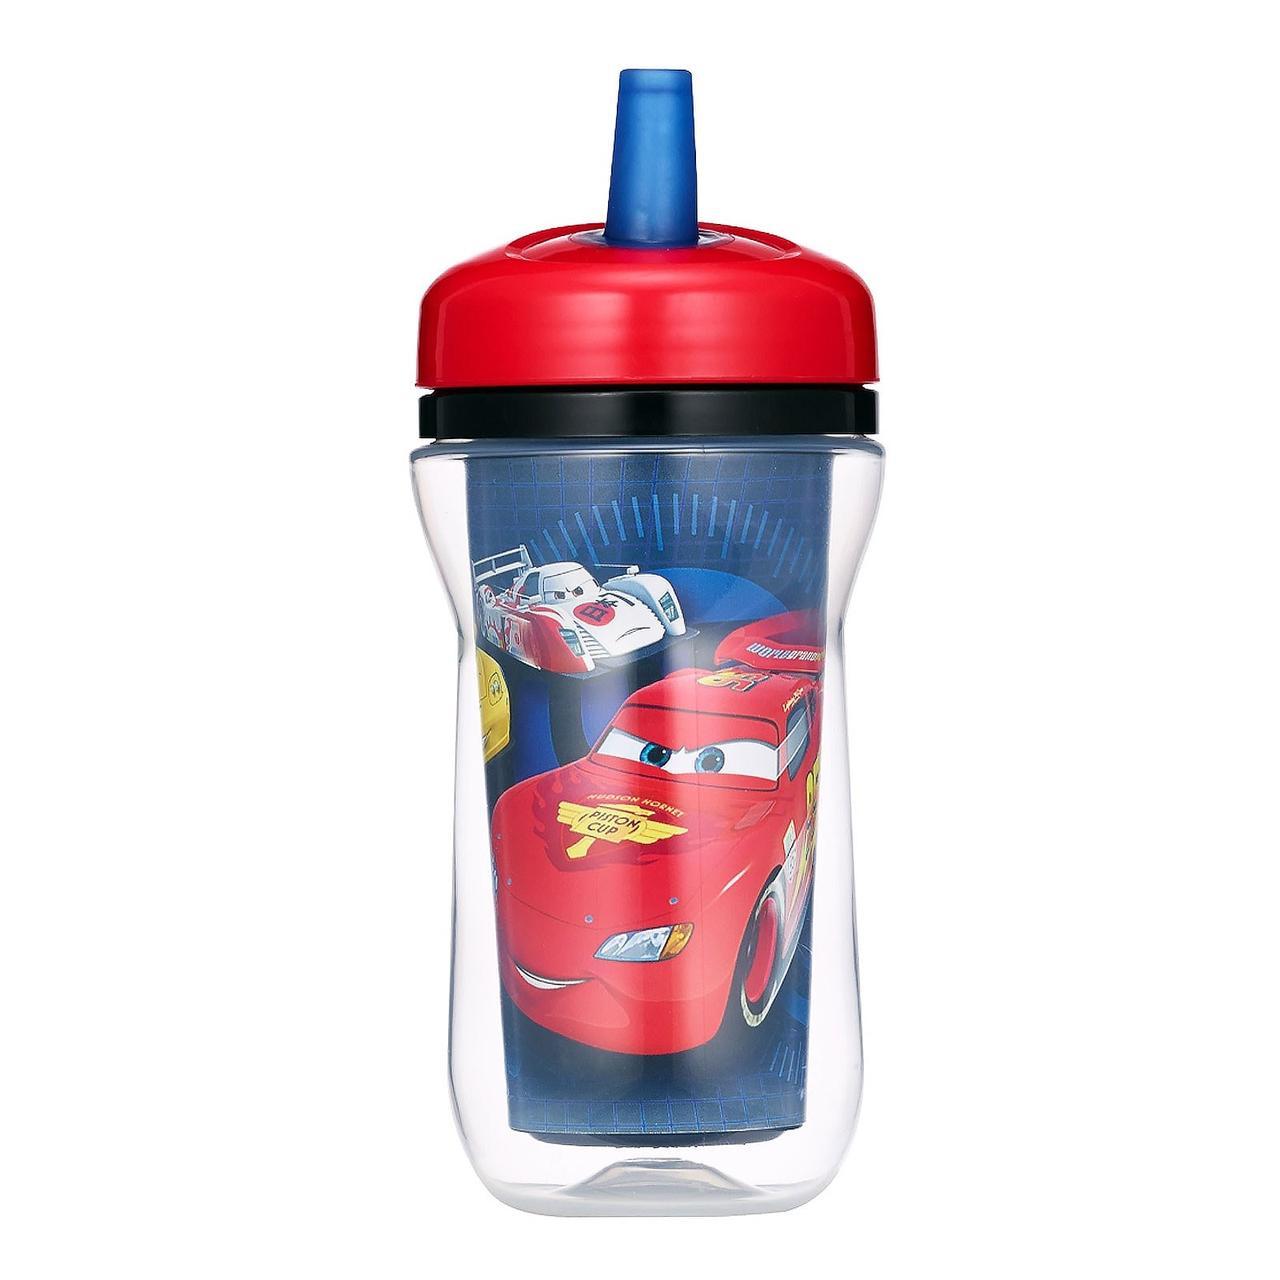 The First Years, Дисней Пиксар, Машины, изотермический стаканчик с соломинкой, 18+ месяцев, 9 унций(270 мл) - Интернет-магазин для здоровой жизни в Киеве